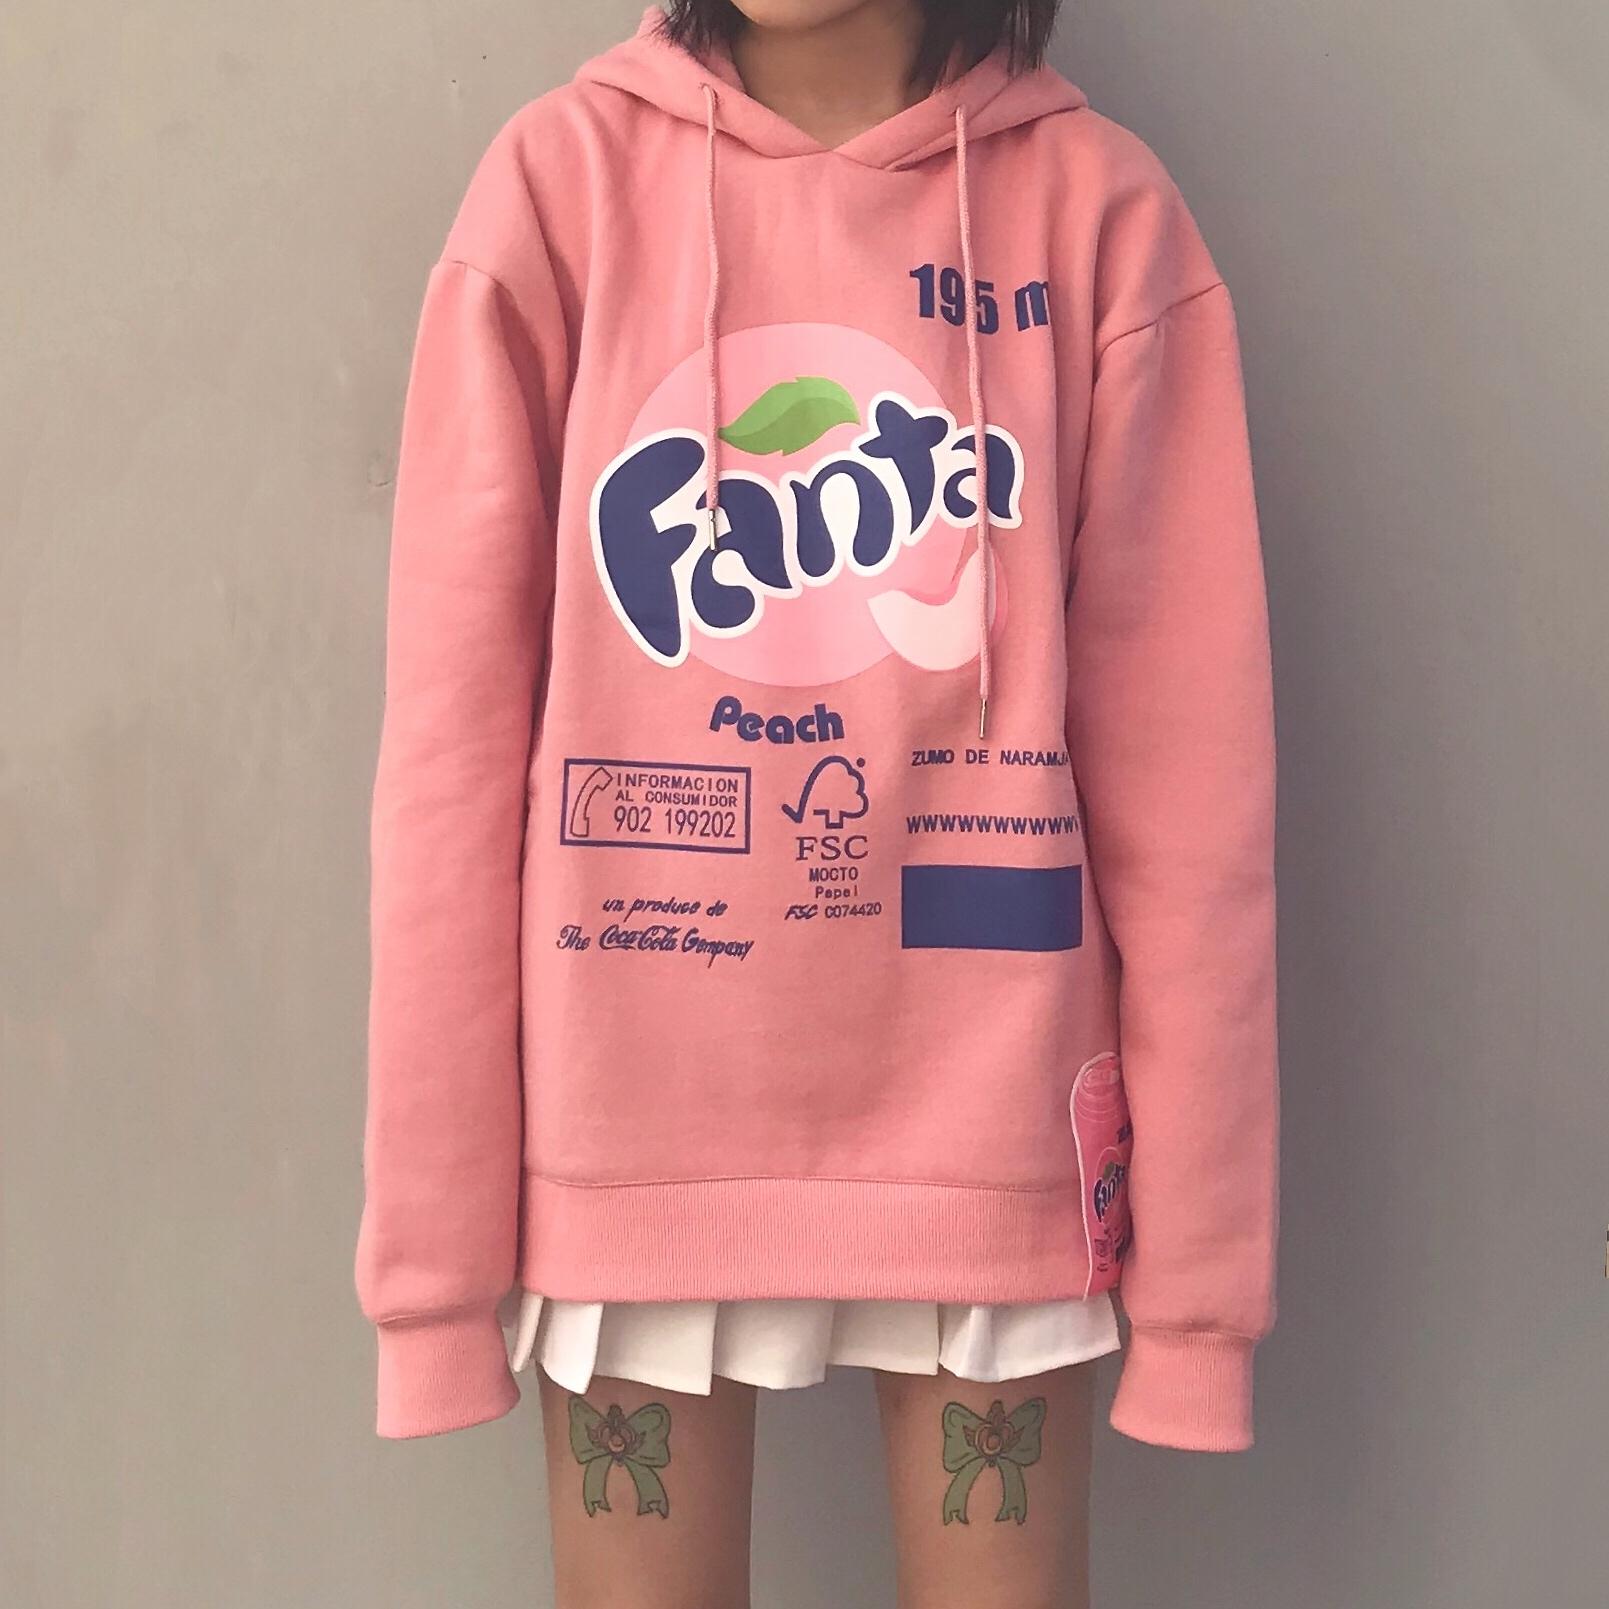 FWBS春季潮牌糖果粉色綠色寬松連帽男女同款情侶薄芬達衛衣嘻哈女圖片